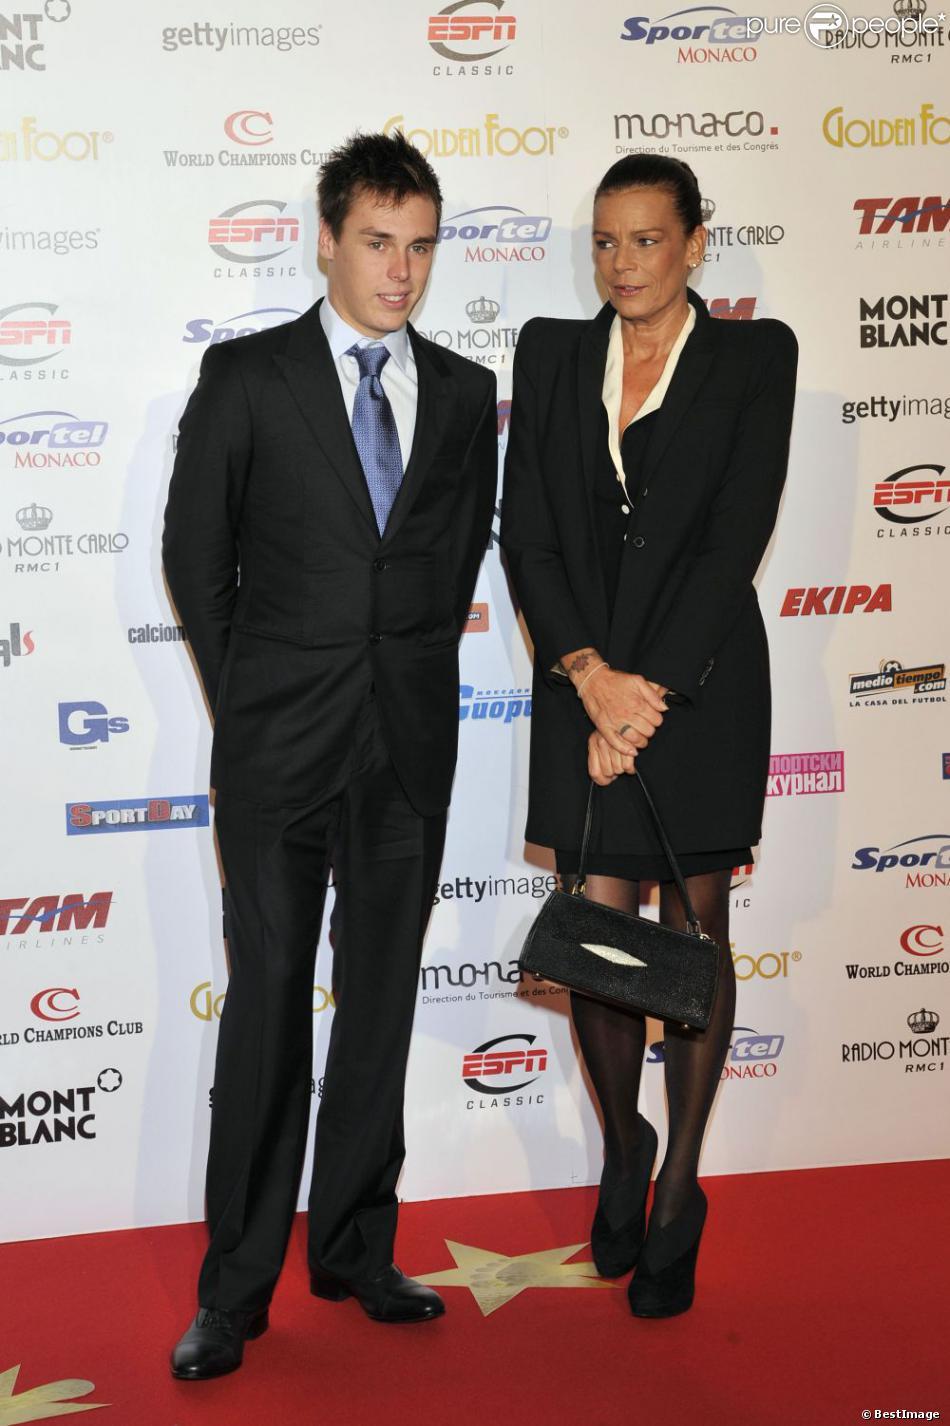 La princesse Stéphanie de Monaco et son fils Louis Ducruet assistent à la cérémonie du Golden Foot Award remis à Zlatan Ibrahimovic à Monaco le 17 Avril 2012.